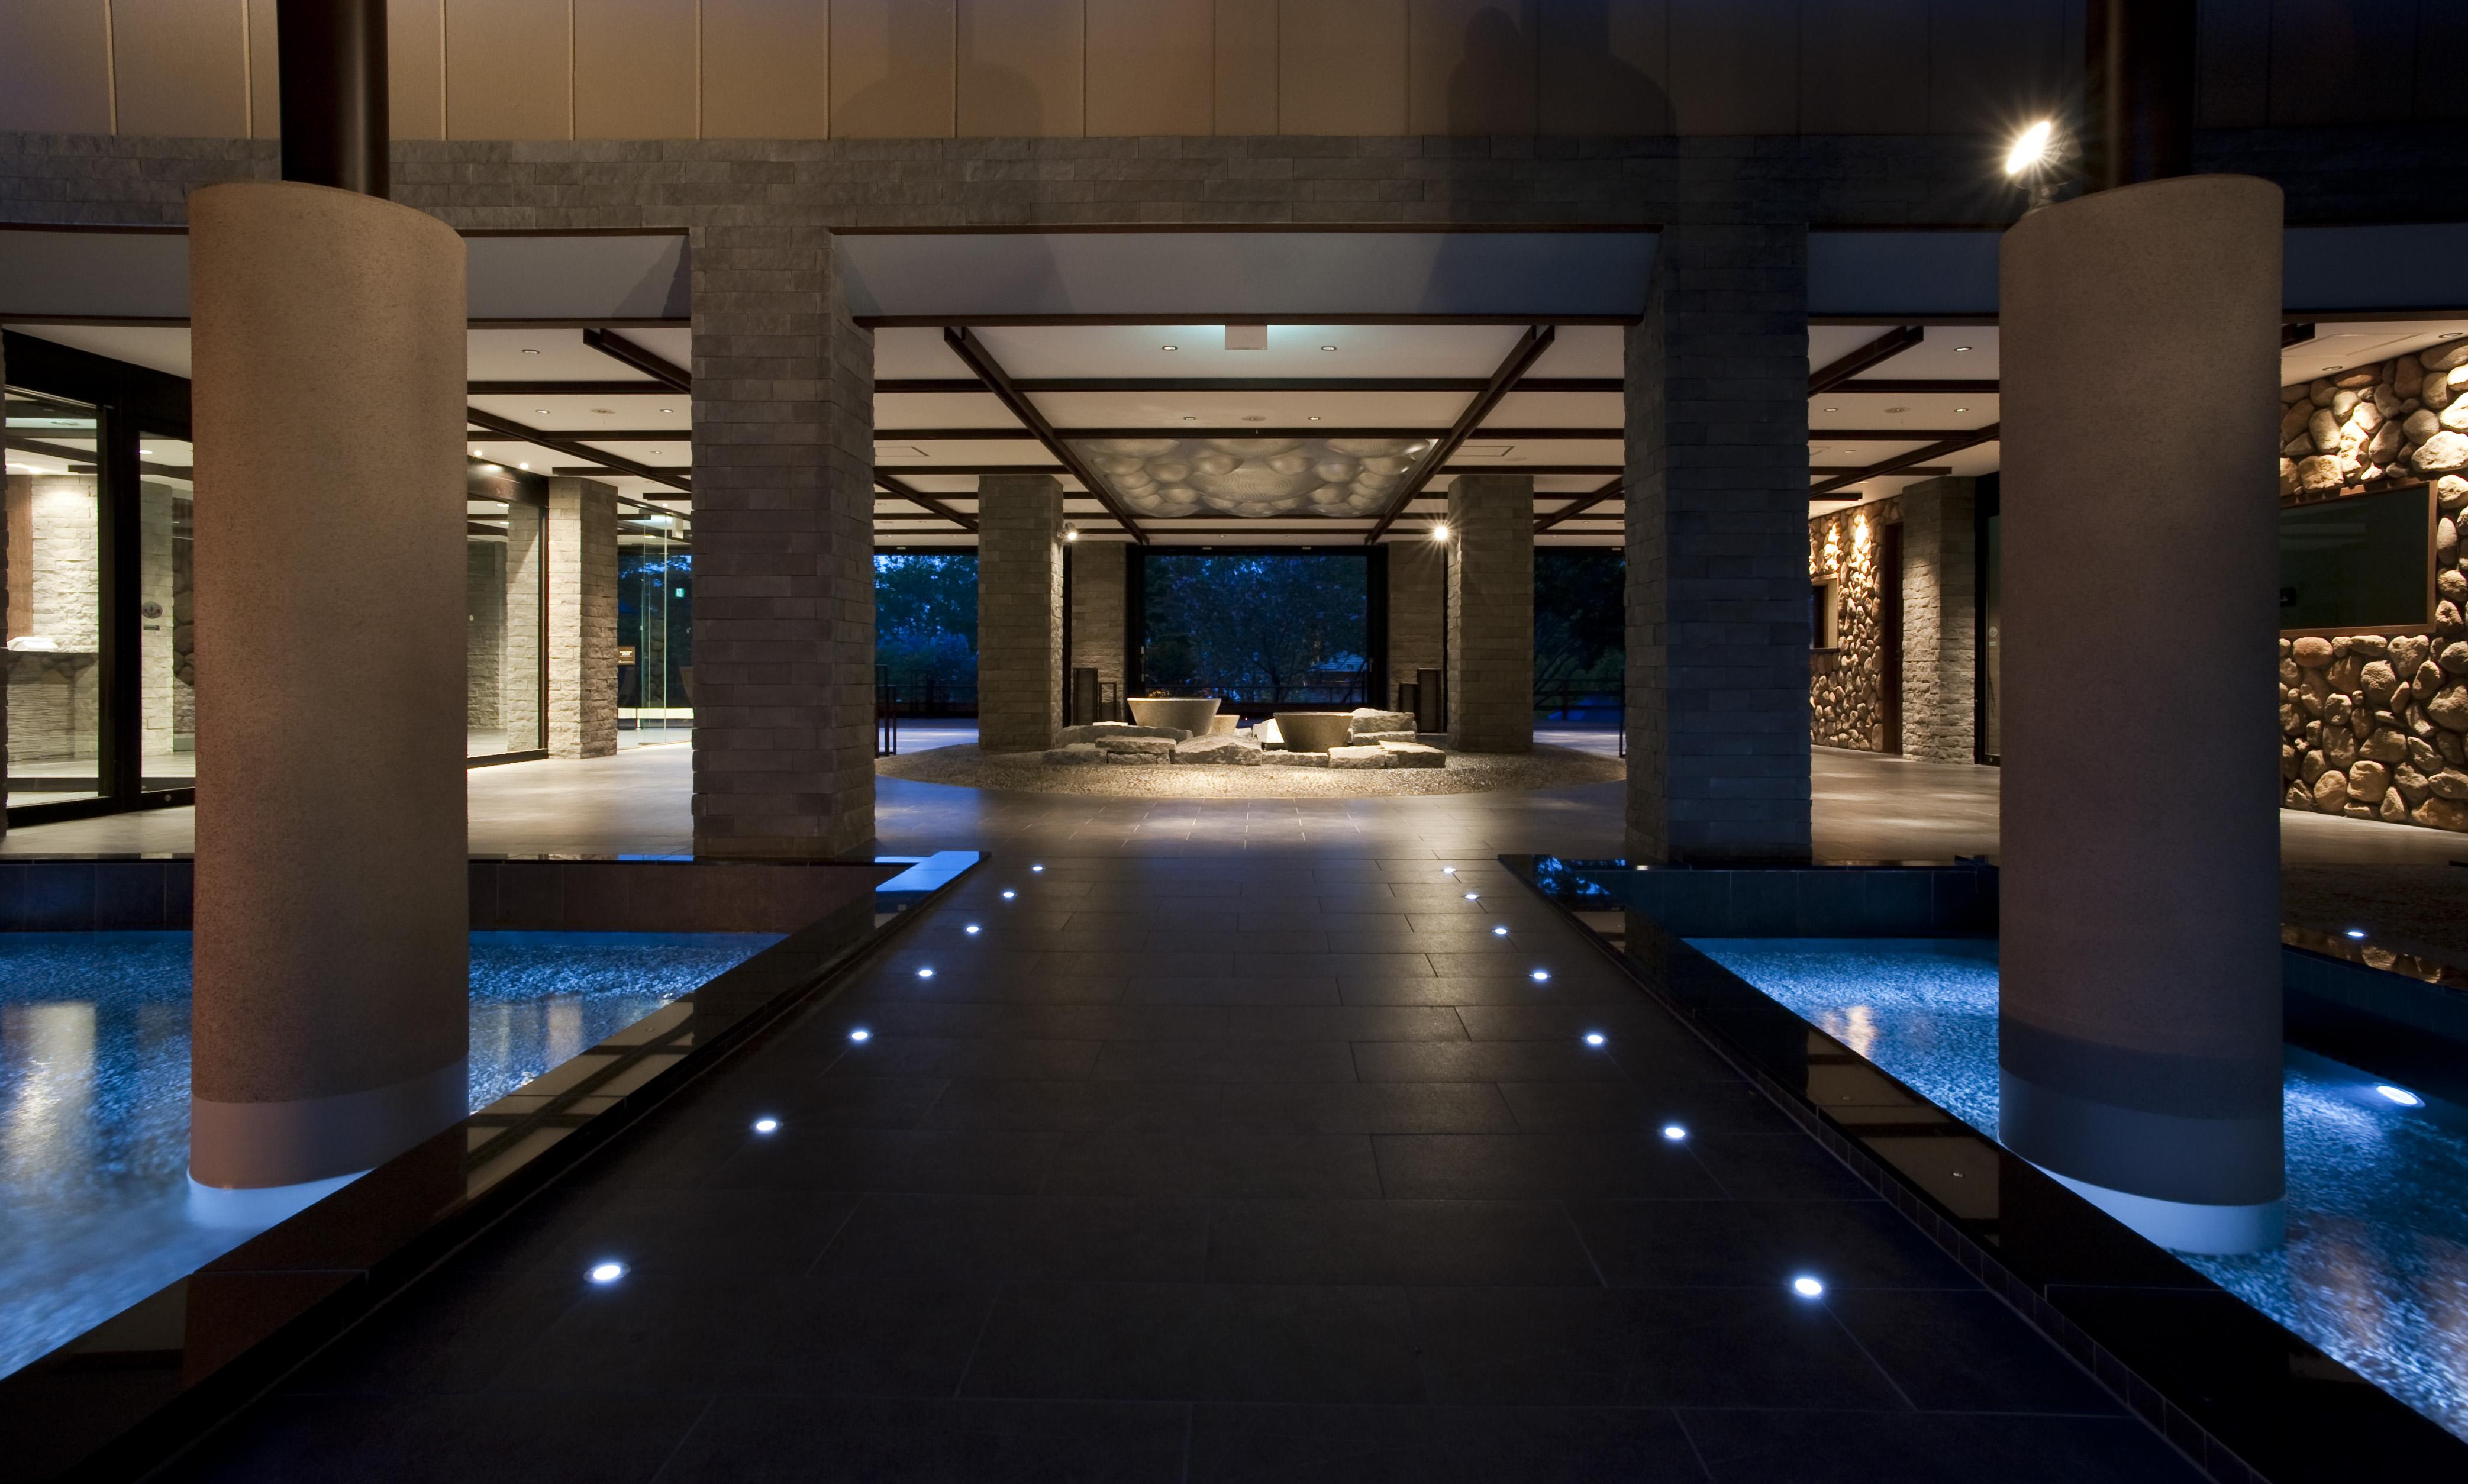 しこつ湖 鶴雅リゾートスパ 水の謌は自然の魅力が満載!おすすめの施設も!